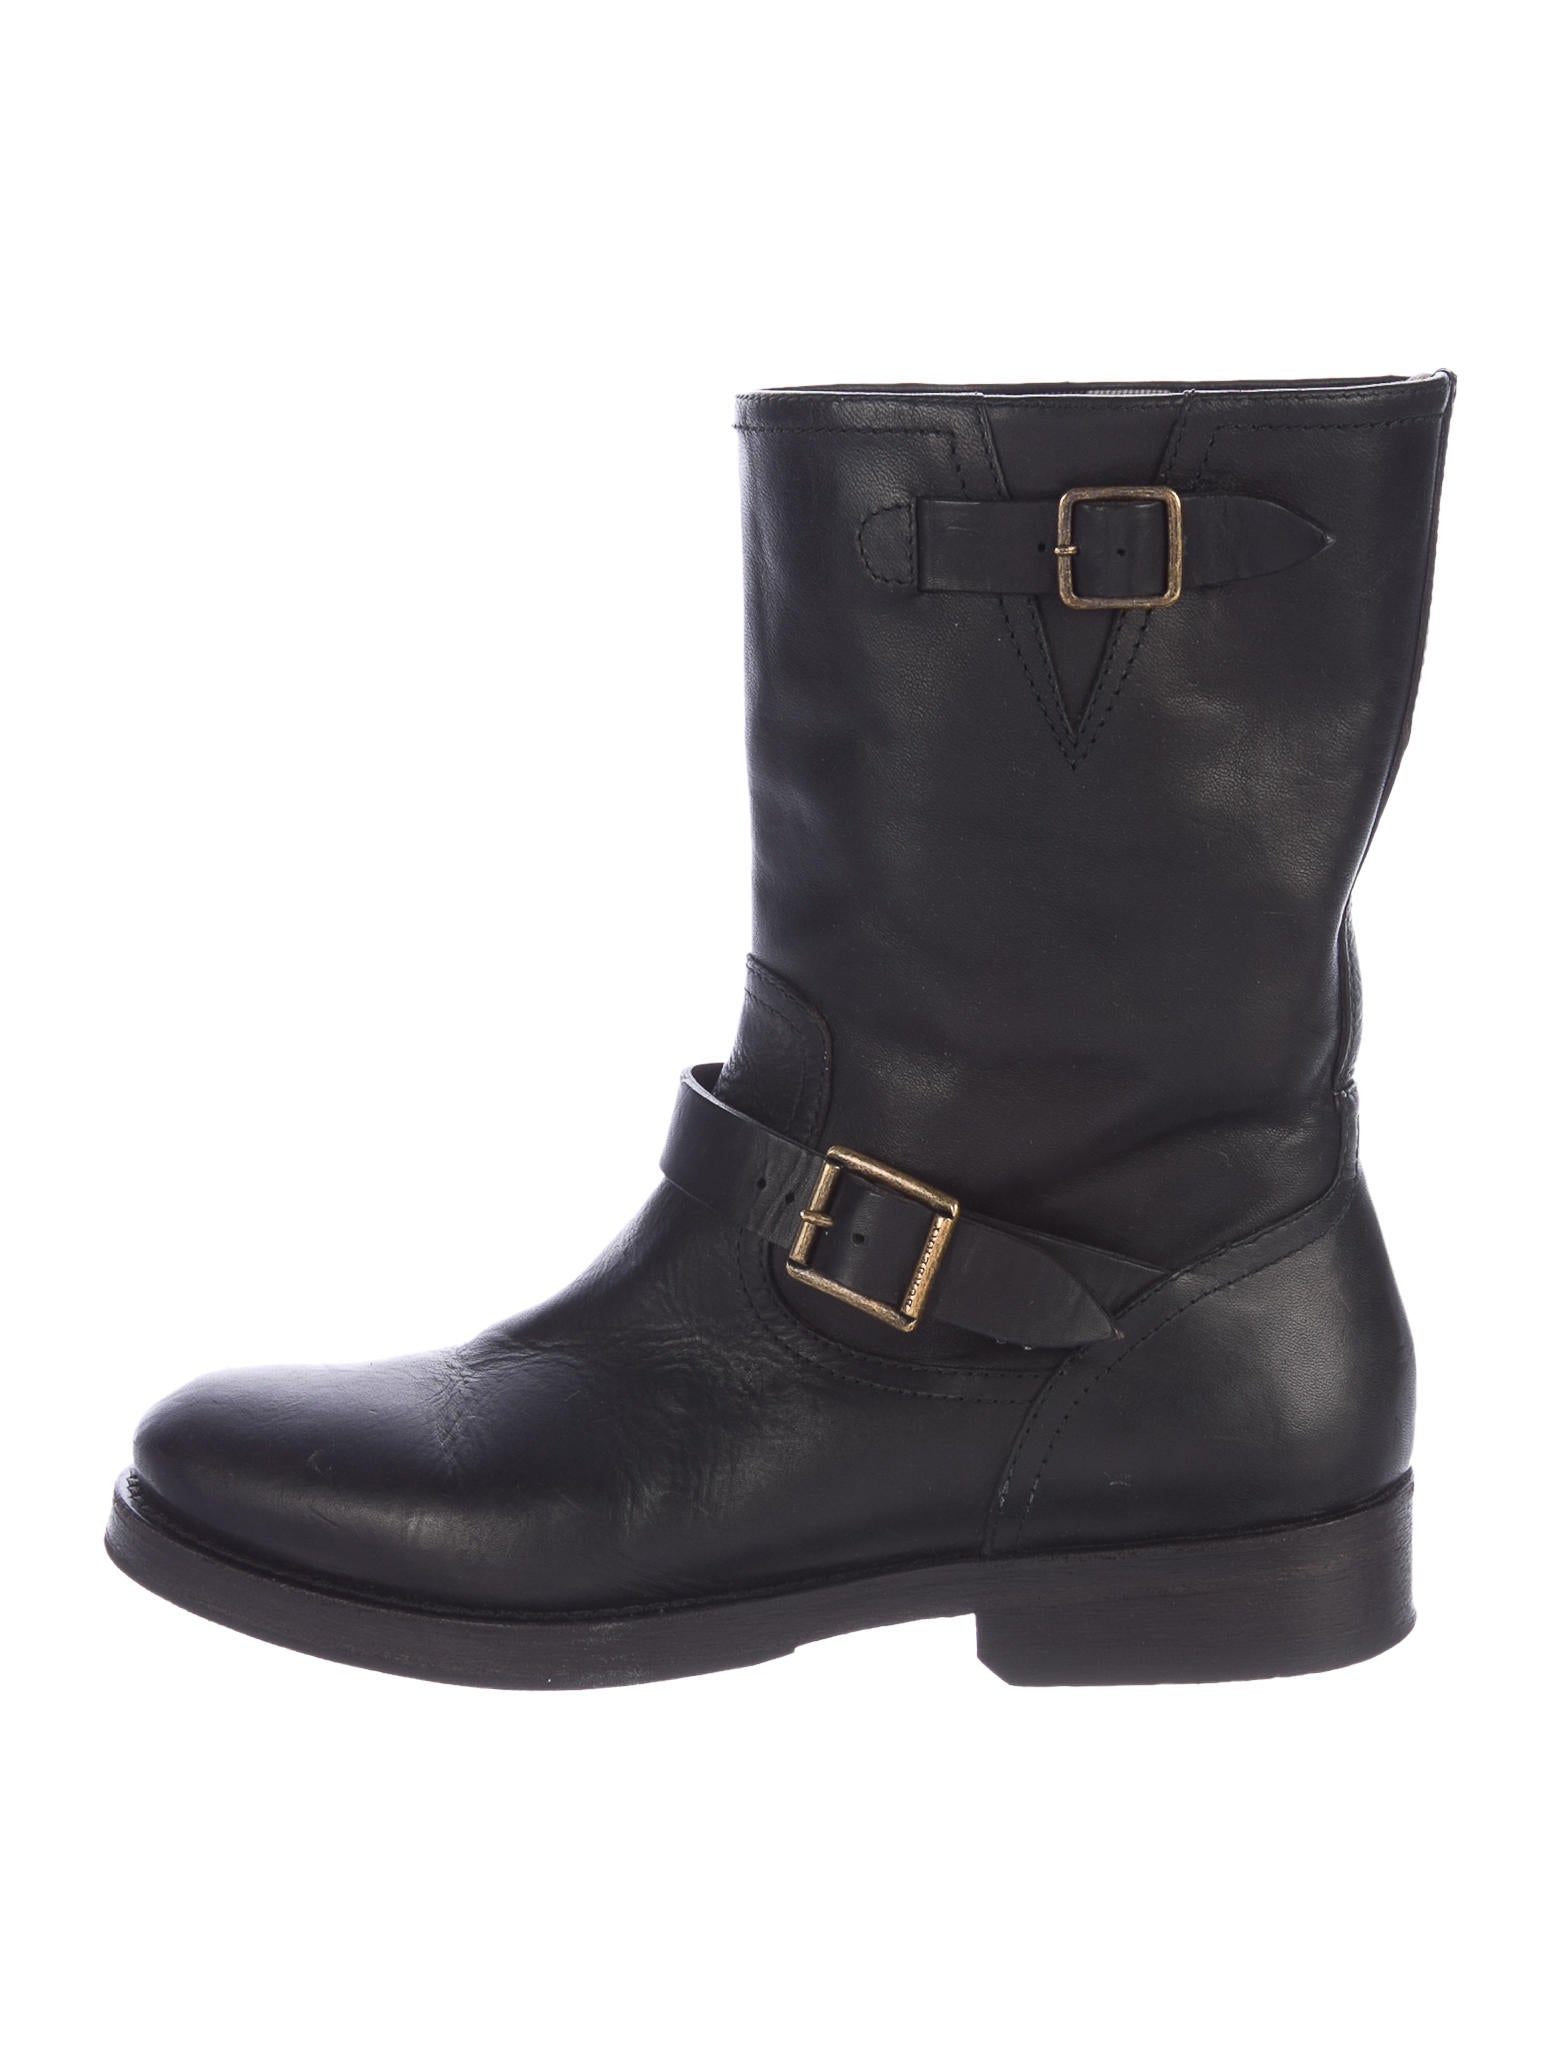 burberry biker boots